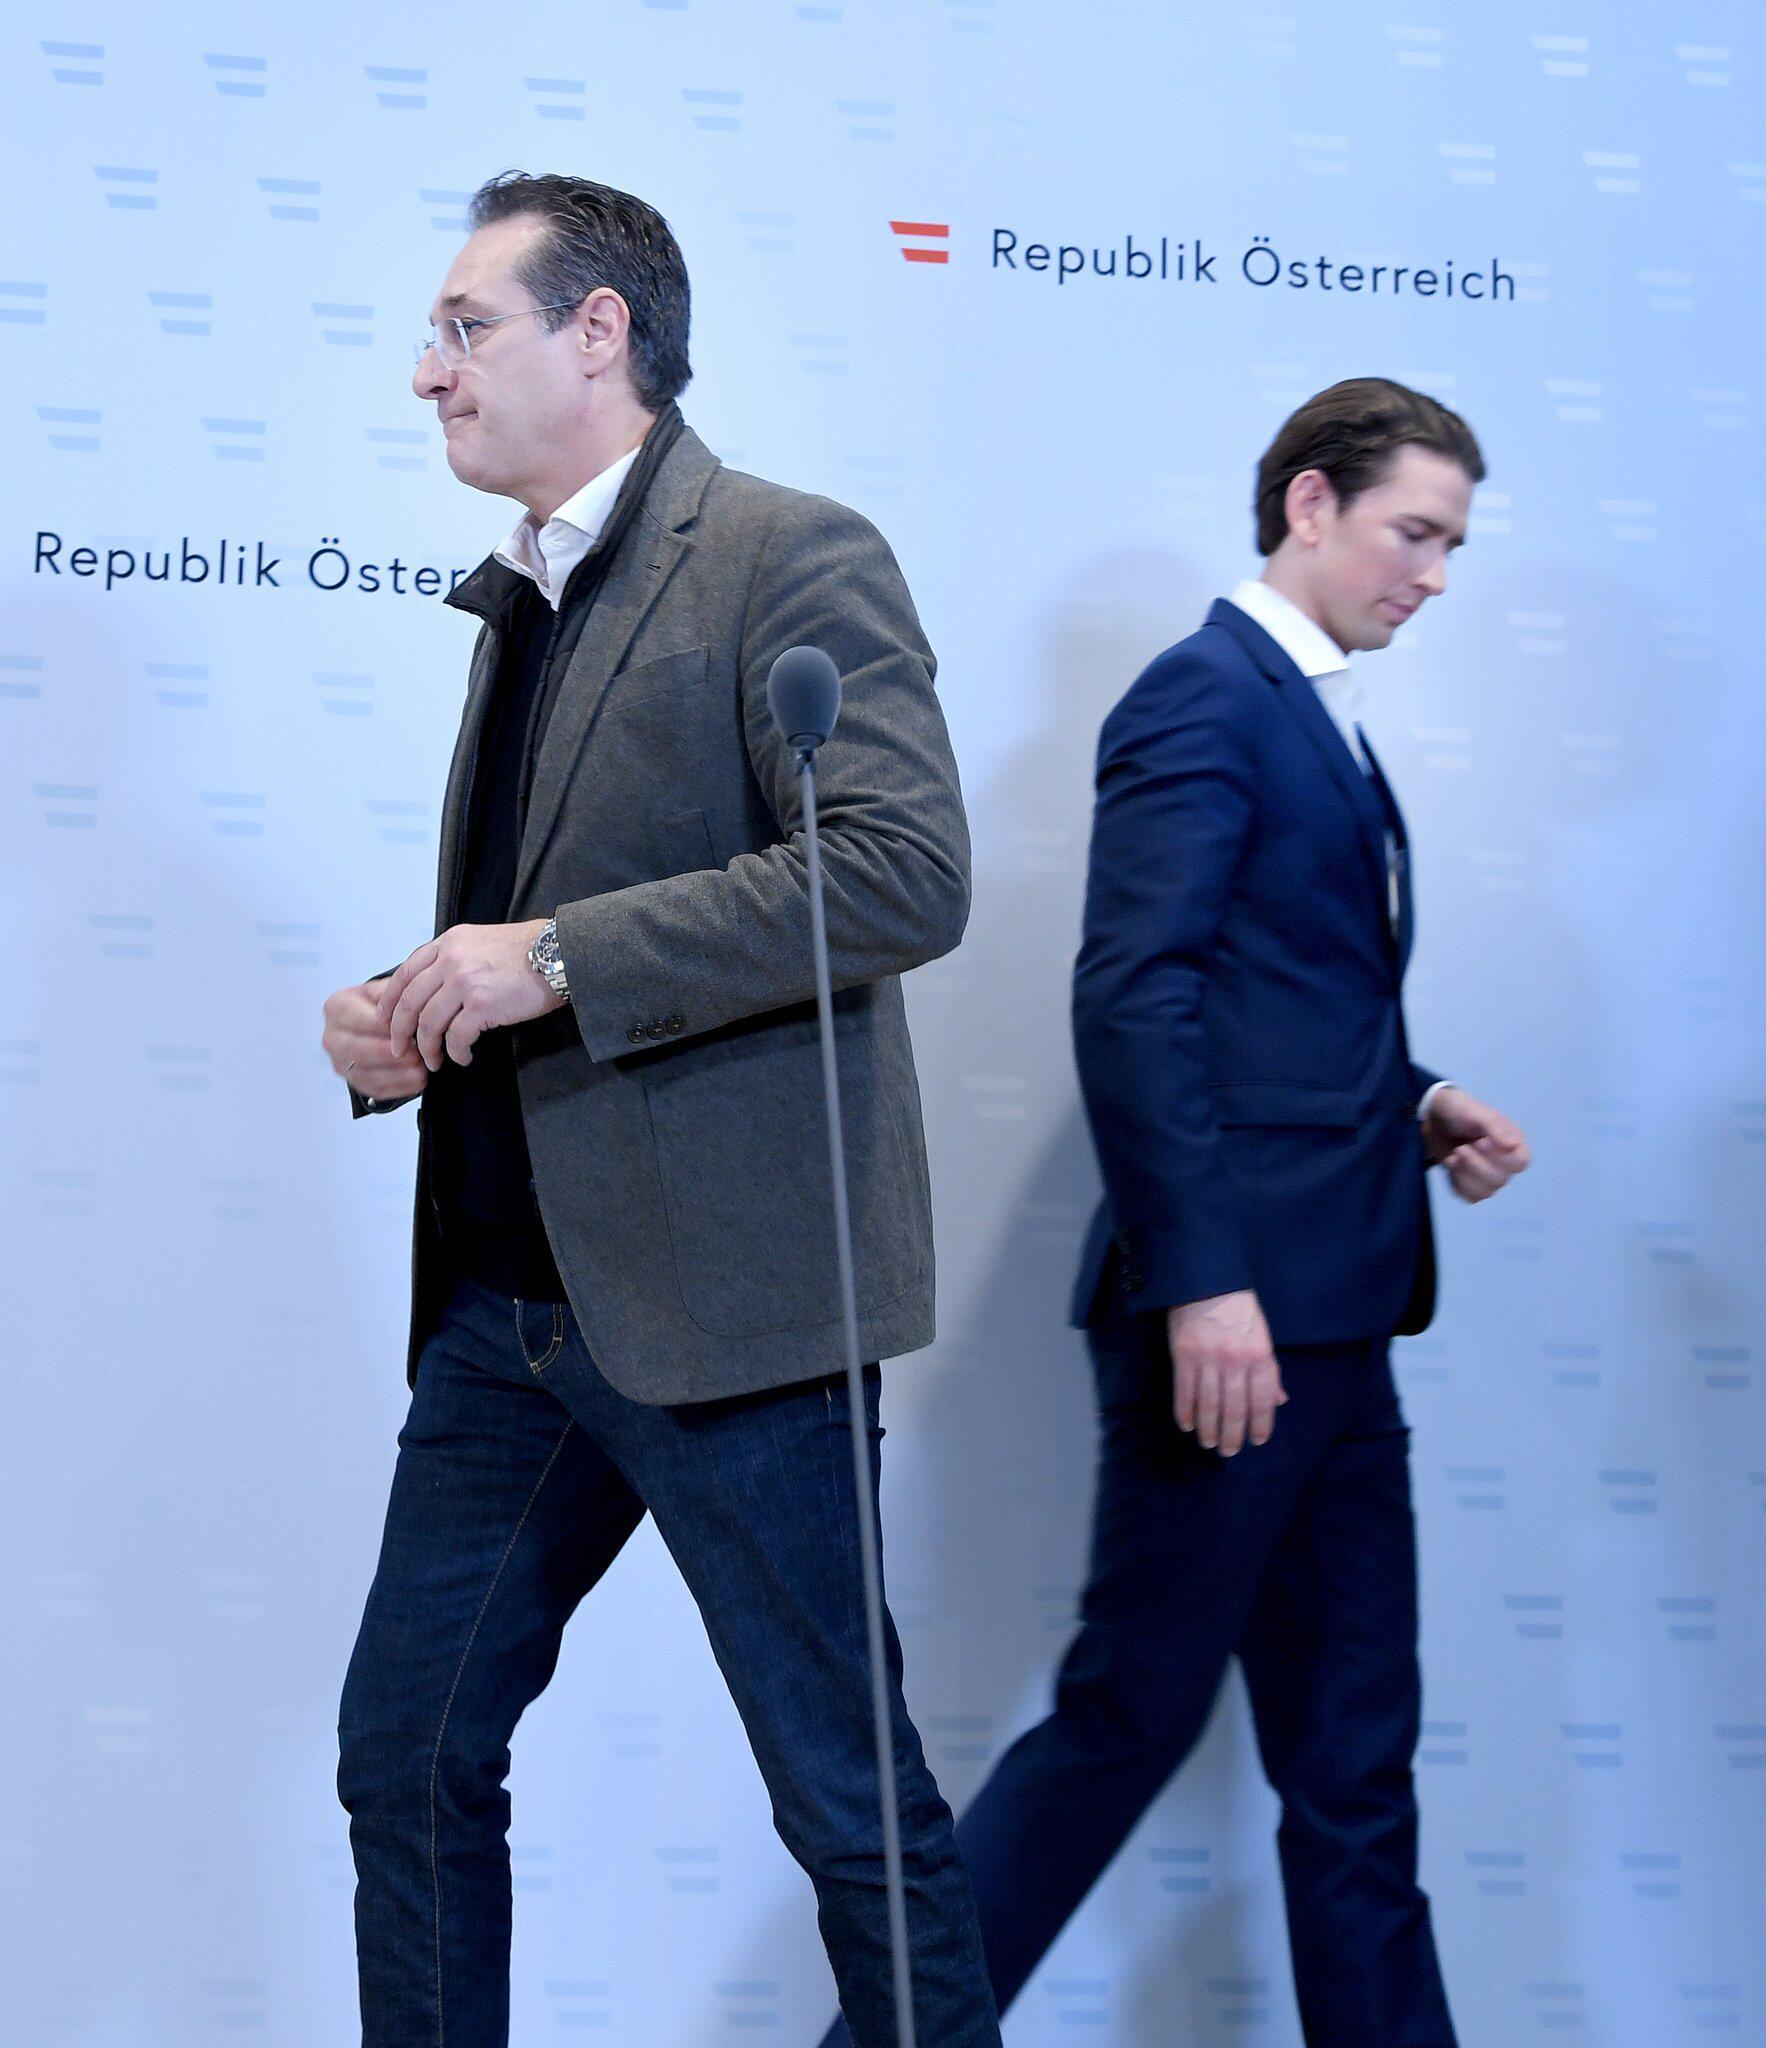 Bild zu Verfängliches Video - Österreichs Regierung in höchster Not